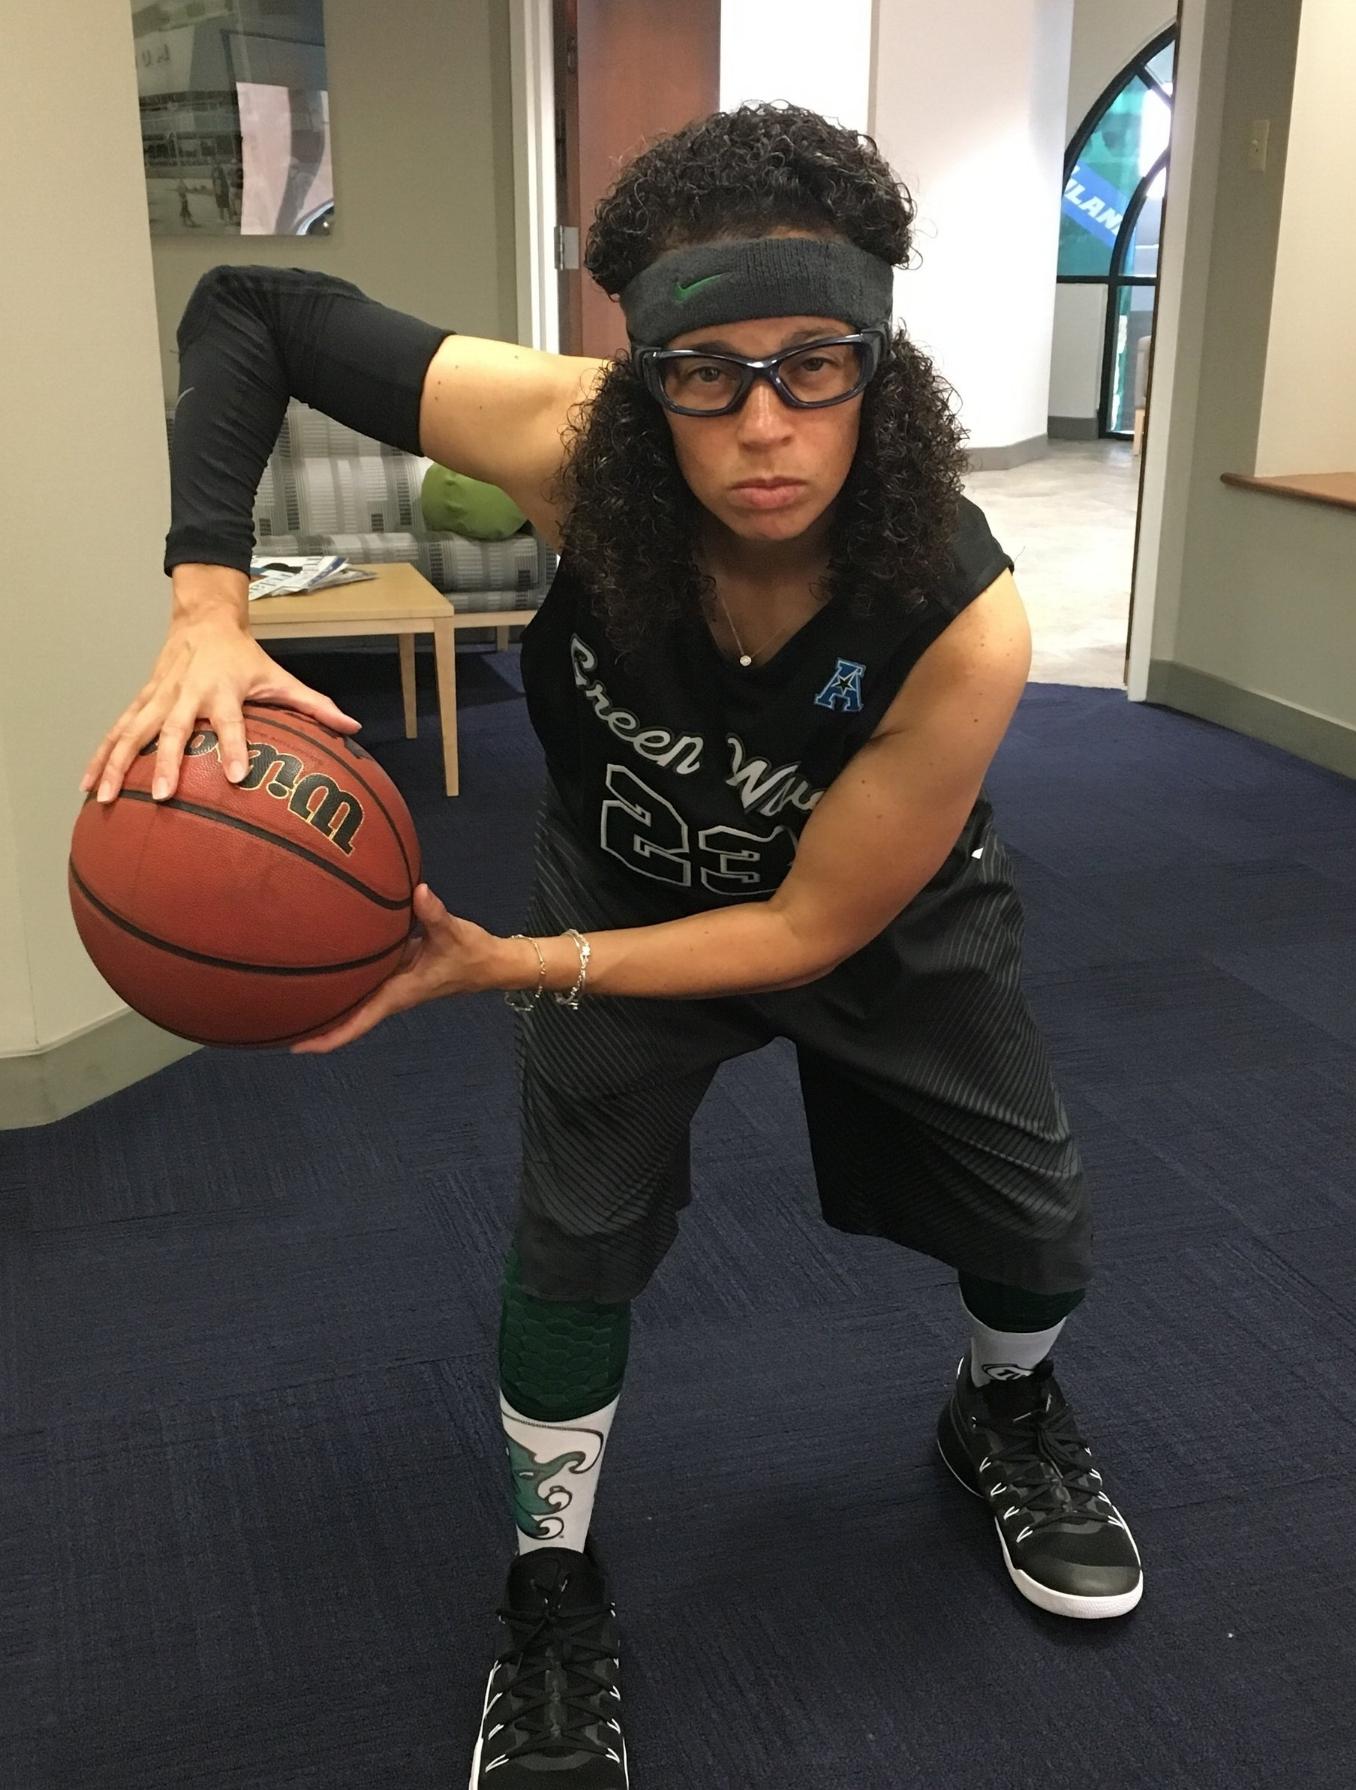 2018 Halloween as Tulane basketball player #23